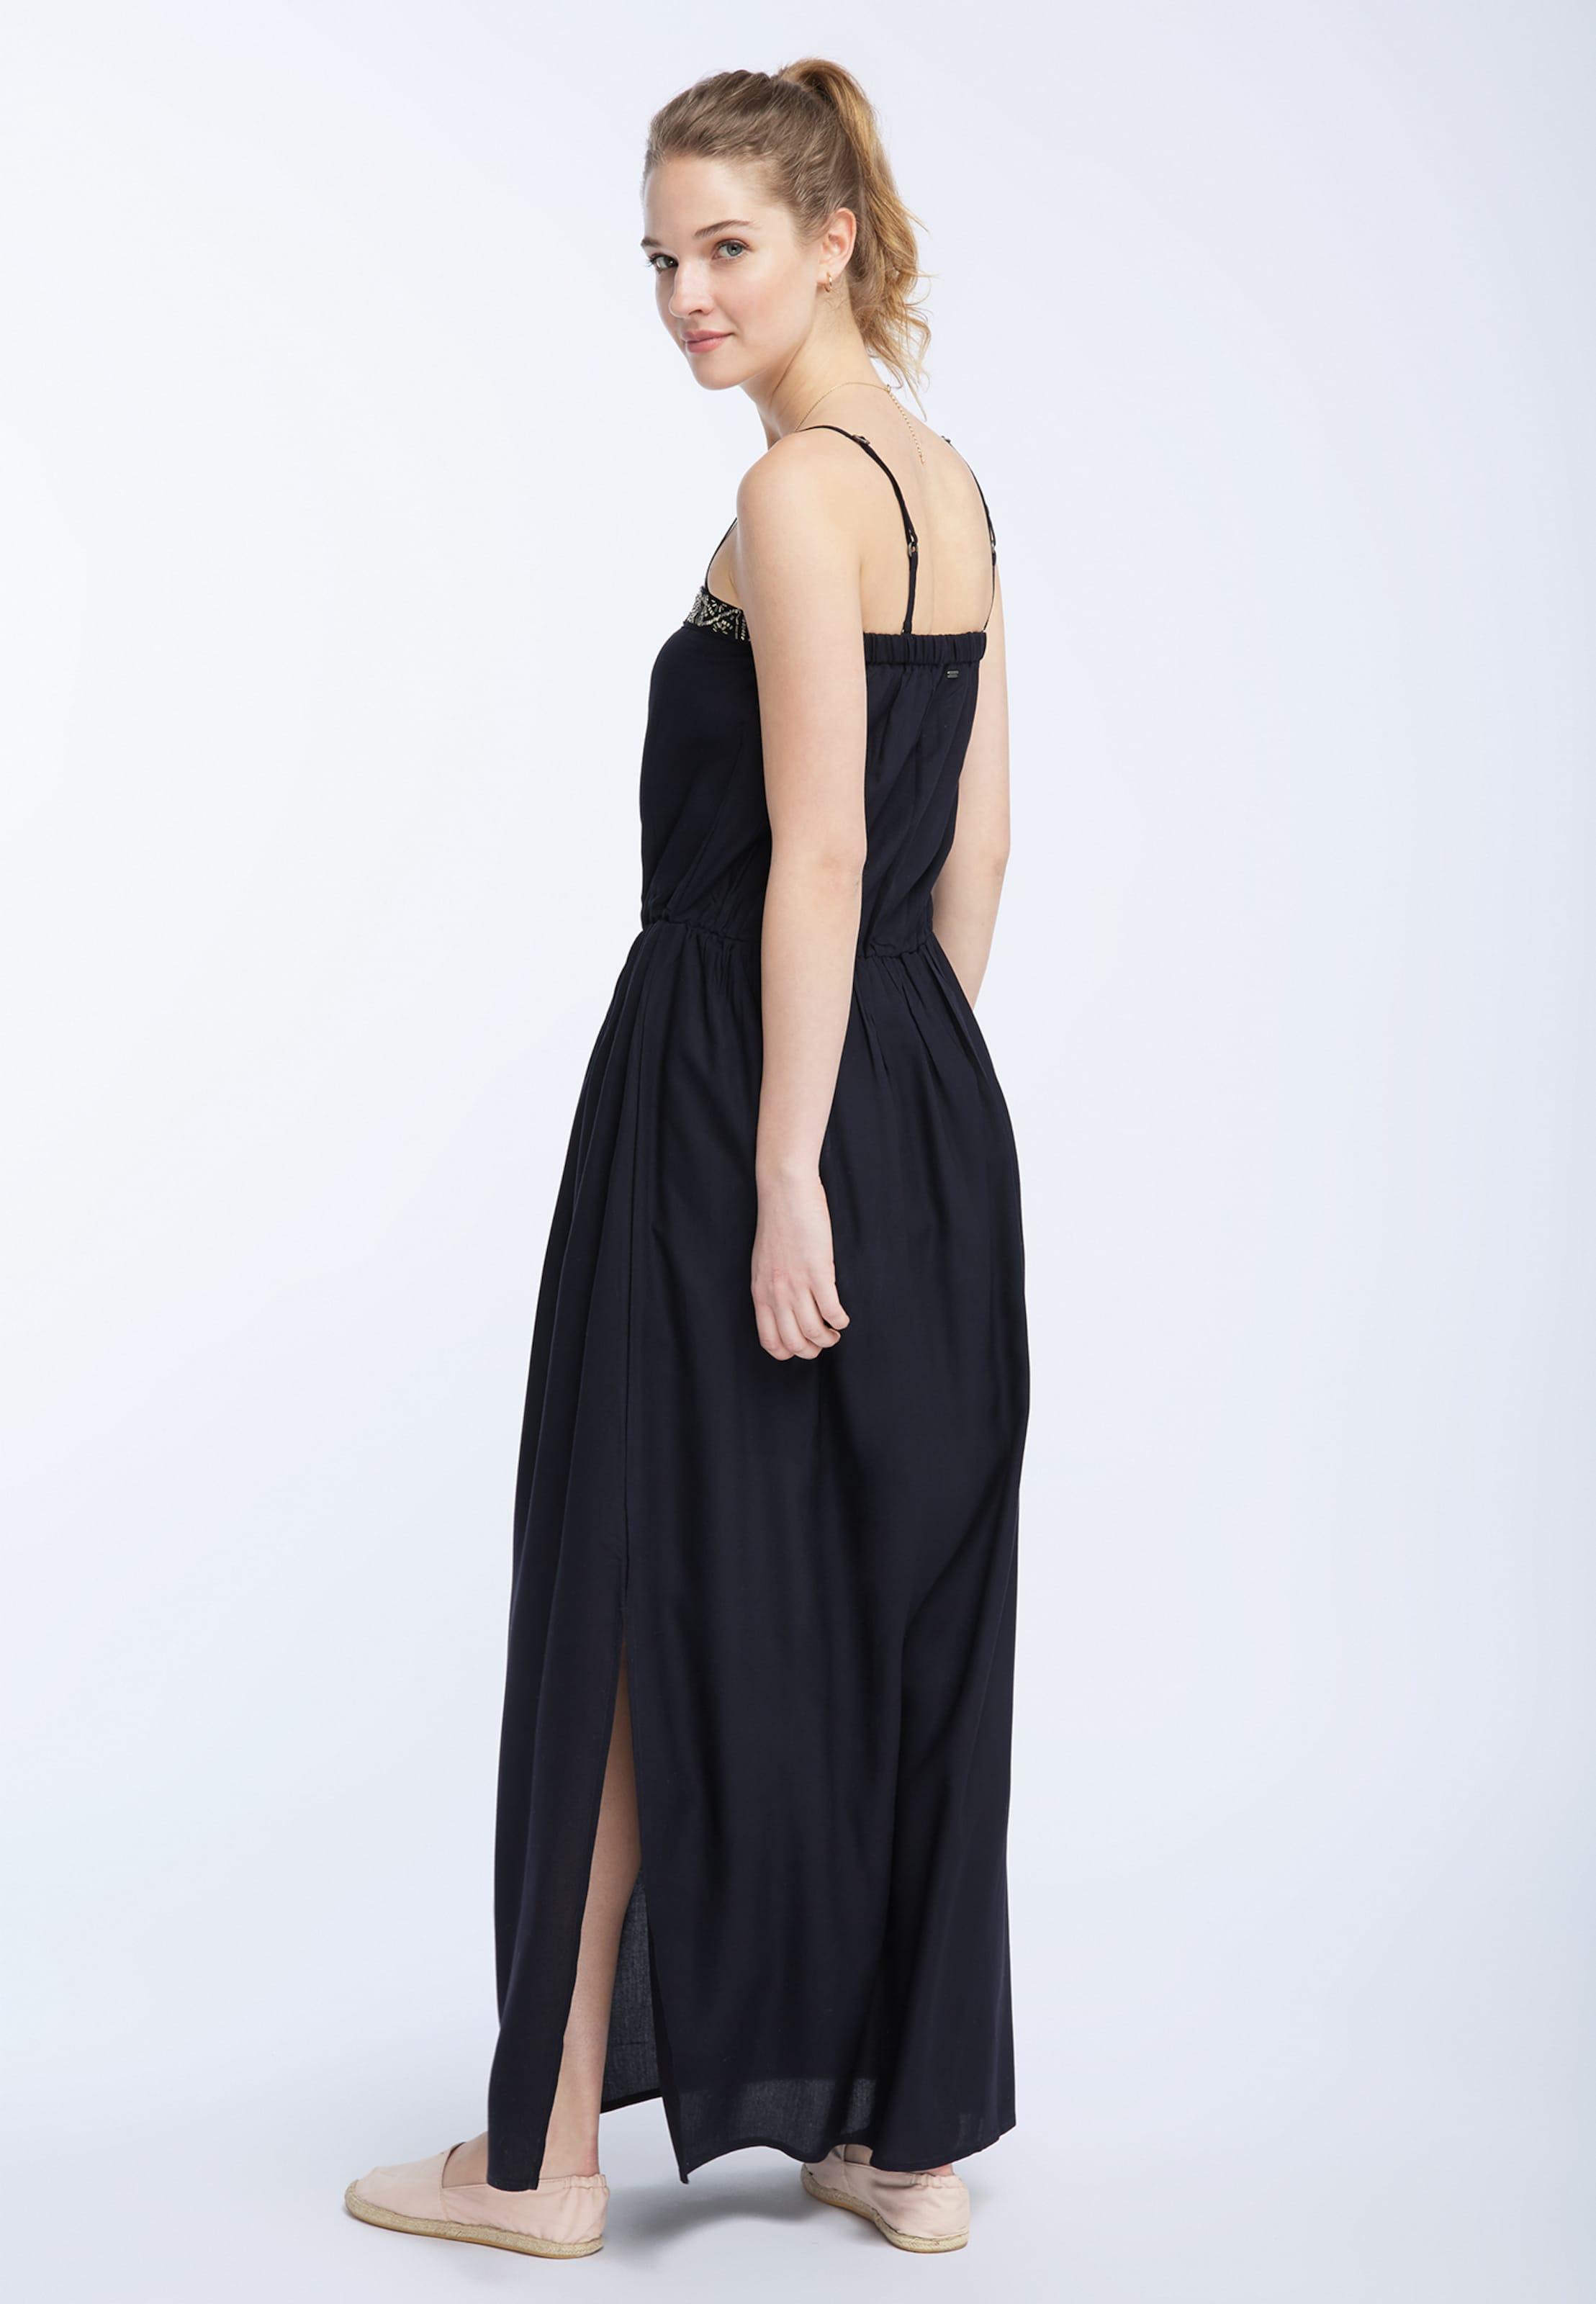 Dreimaster Kleid In Kleid In BeigeUltramarinblau BeigeUltramarinblau In Dreimaster Kleid In Dreimaster Kleid Dreimaster BeigeUltramarinblau nk8XP0wO